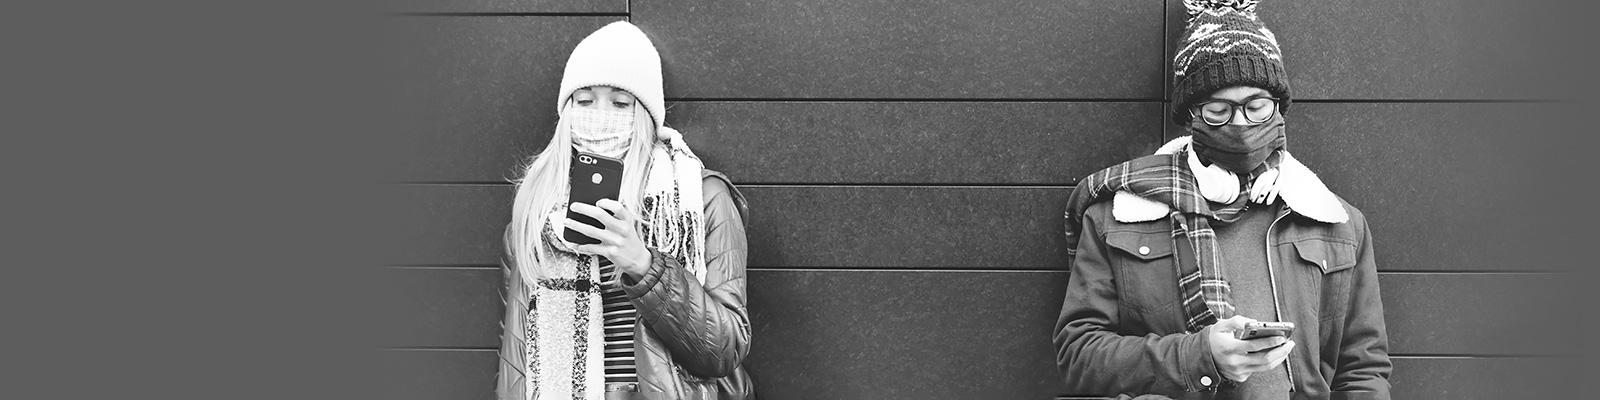 ロンドン 大学生 コロナ マスク イメージ